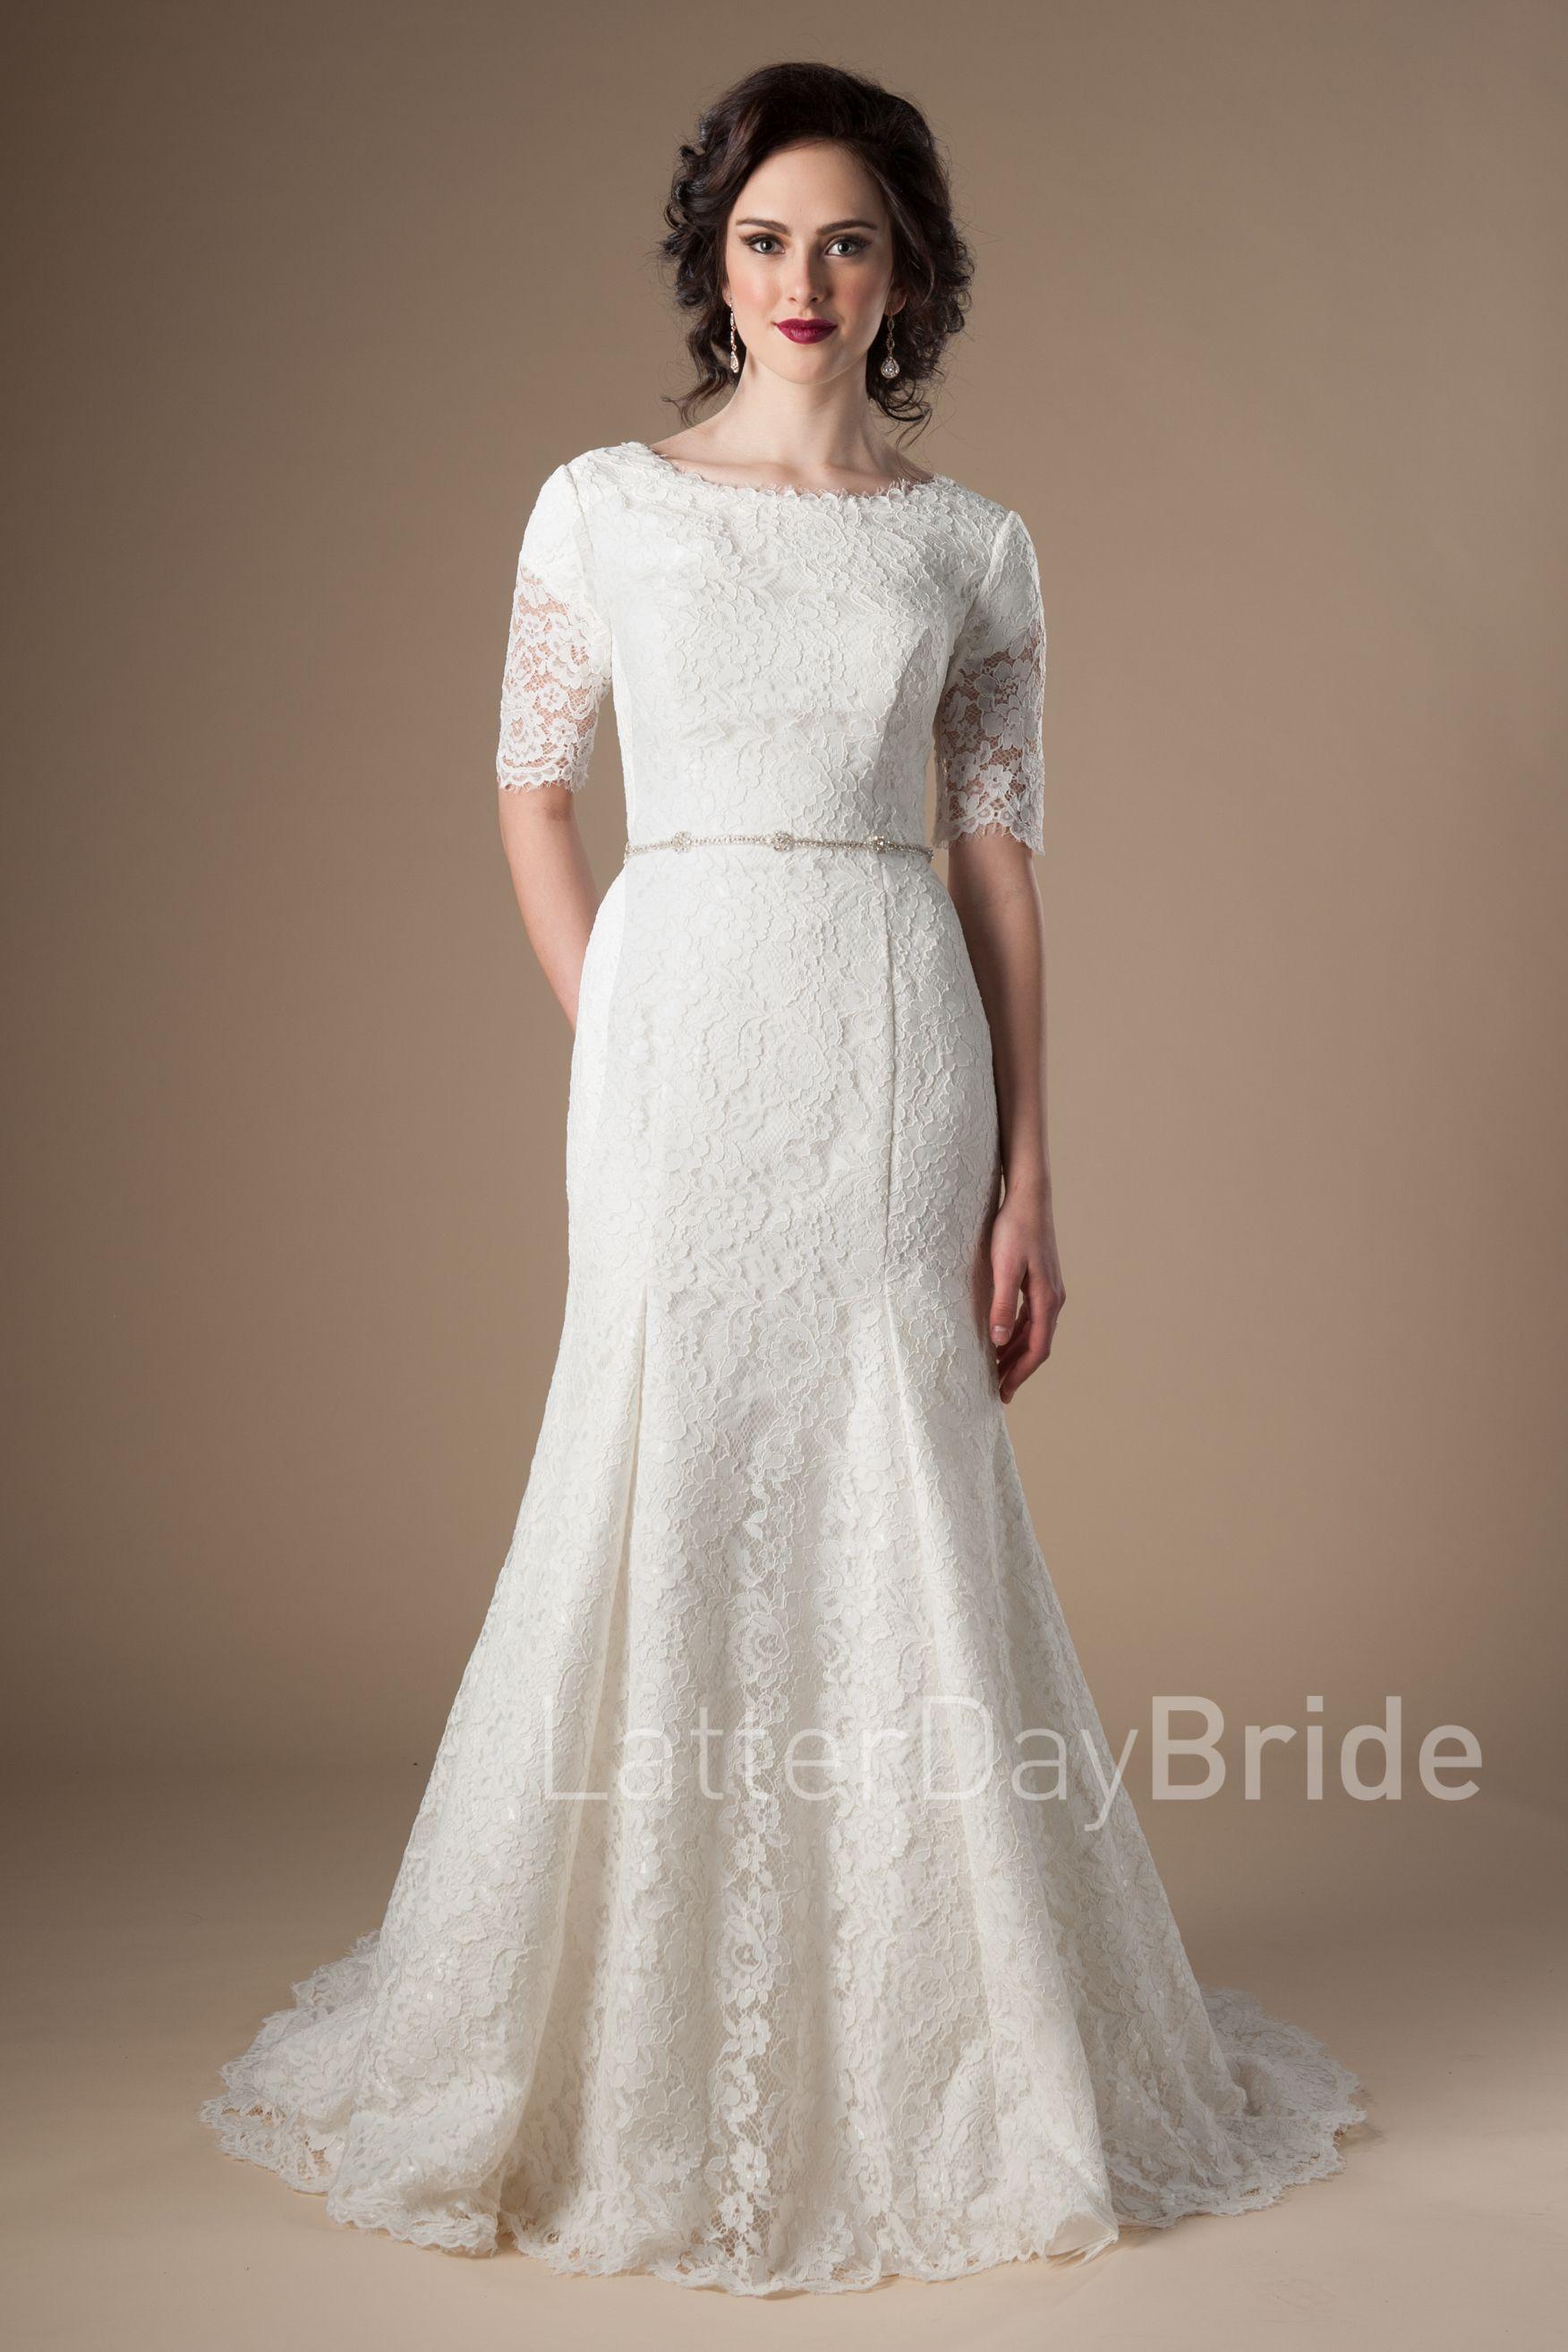 Modest wedding dresses, Modest wedding gowns